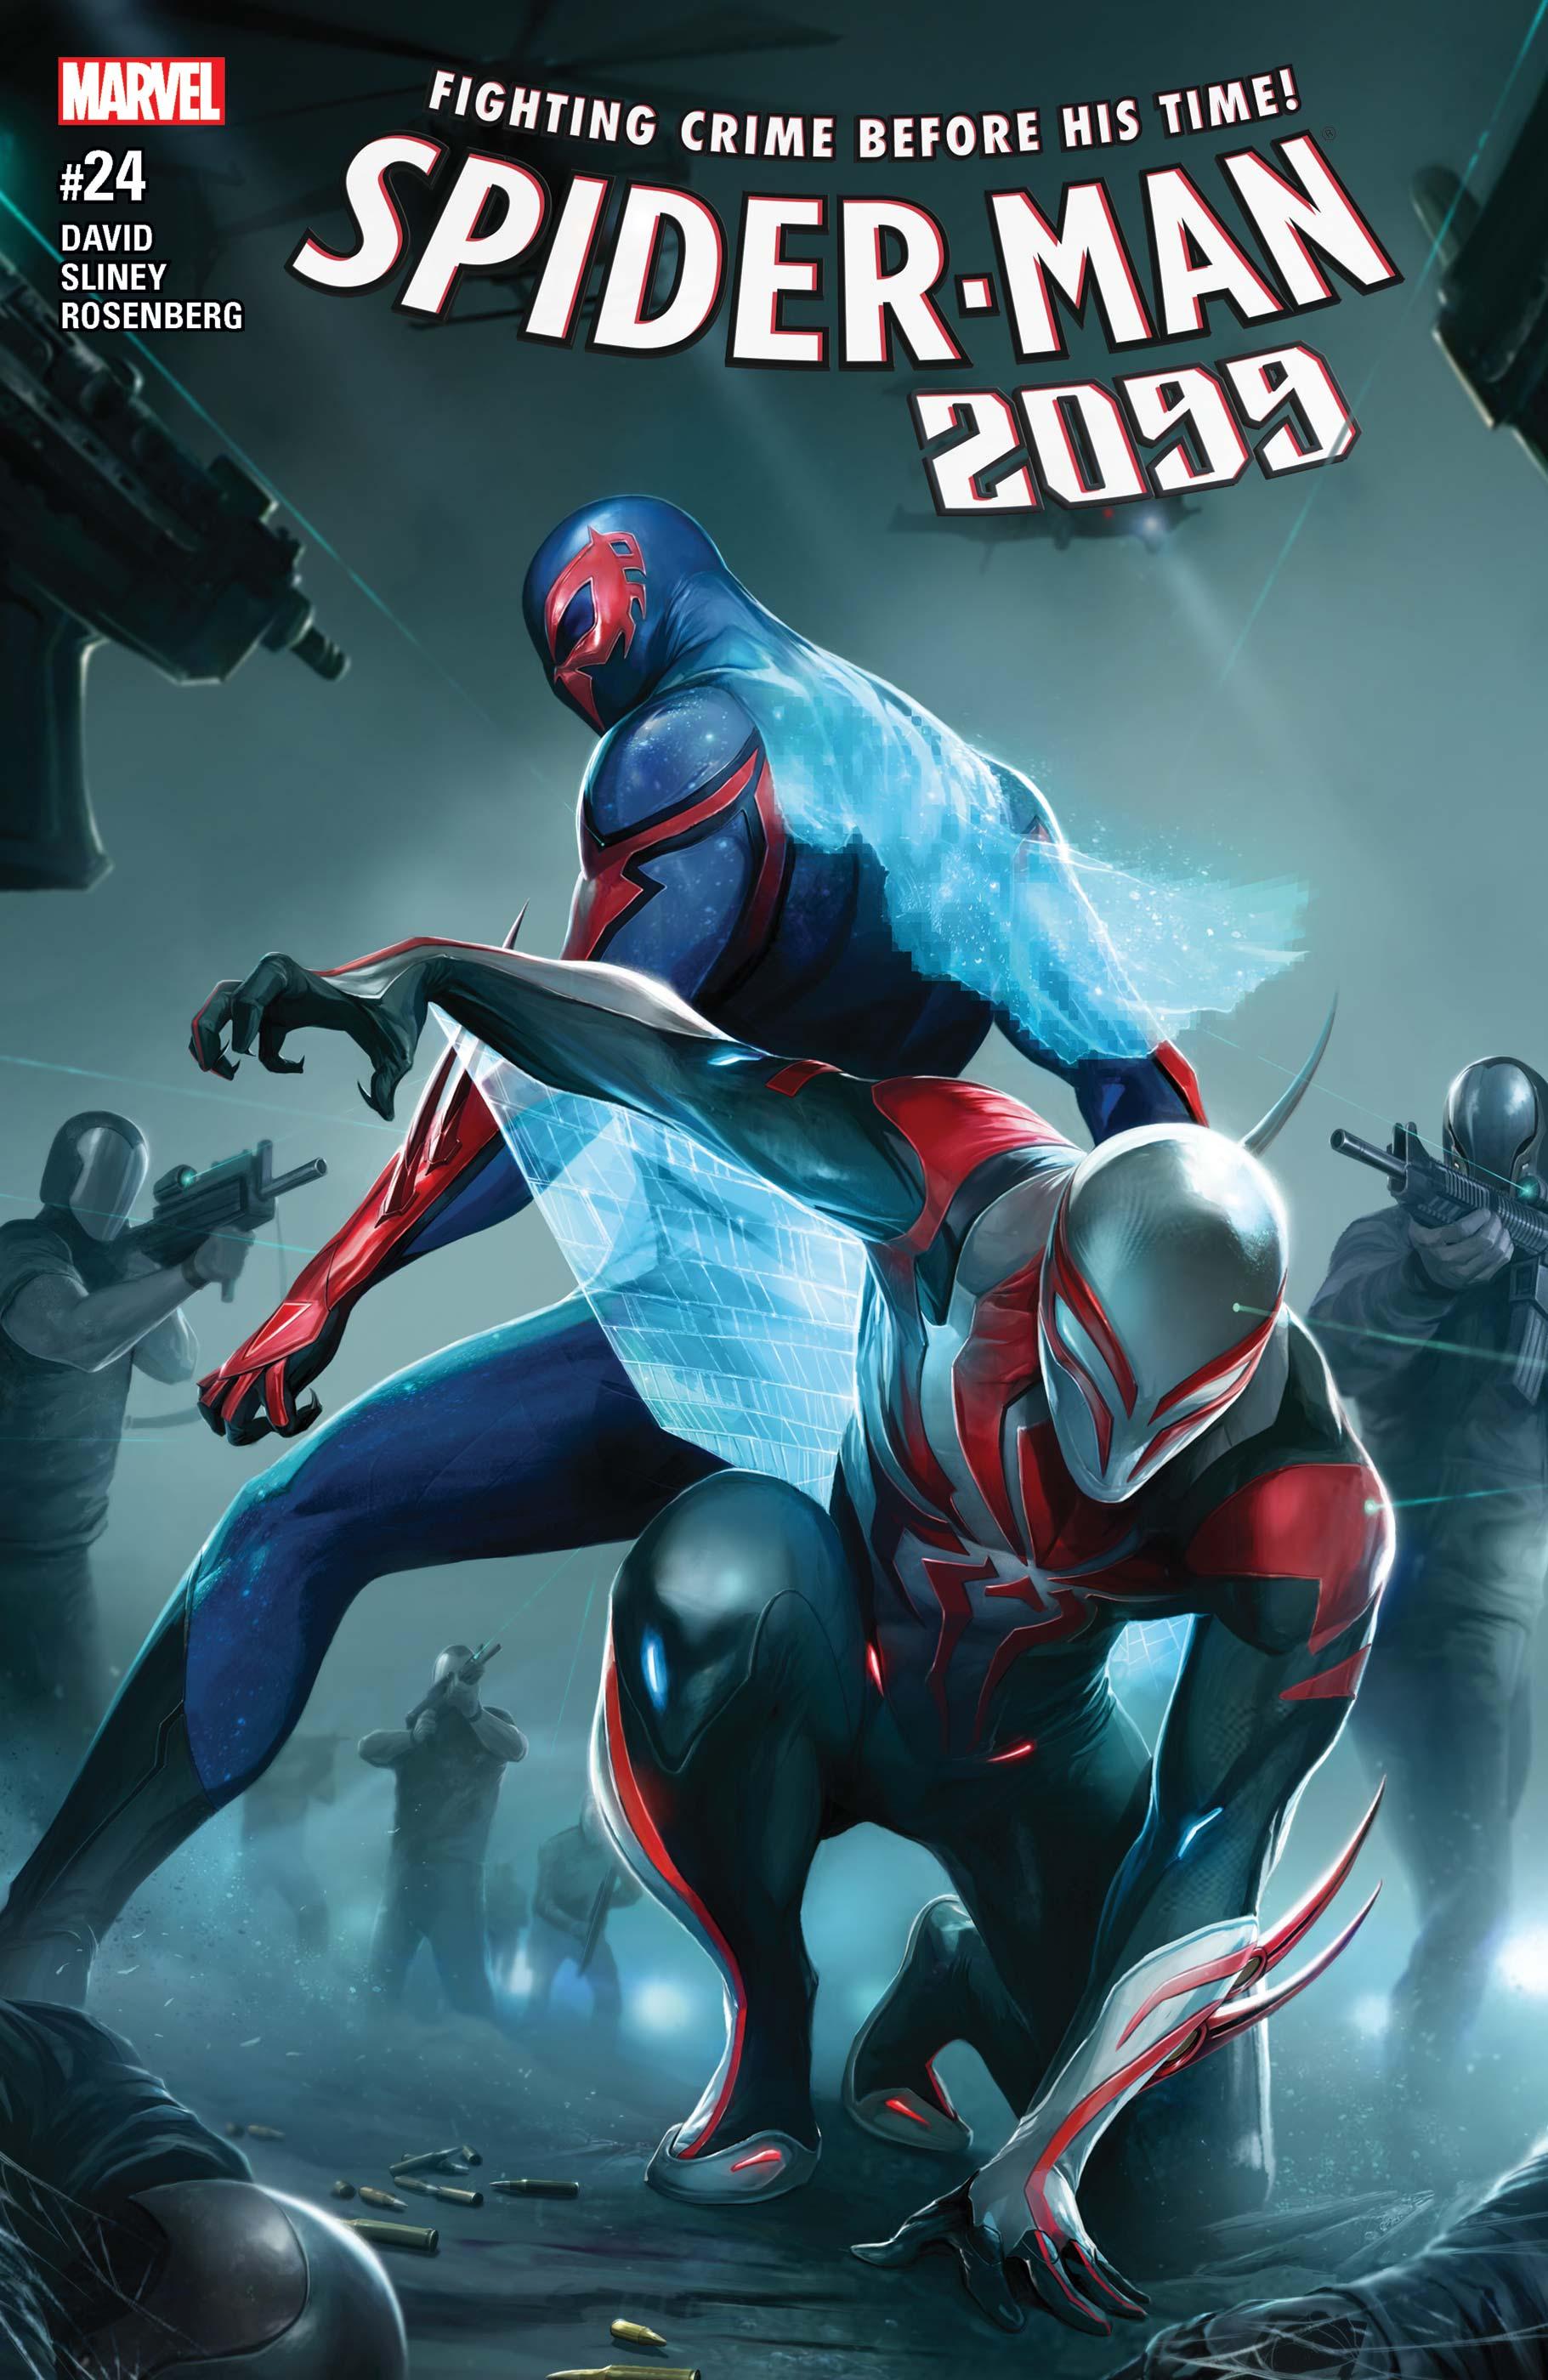 Spider-Man 2099 (2015) #24